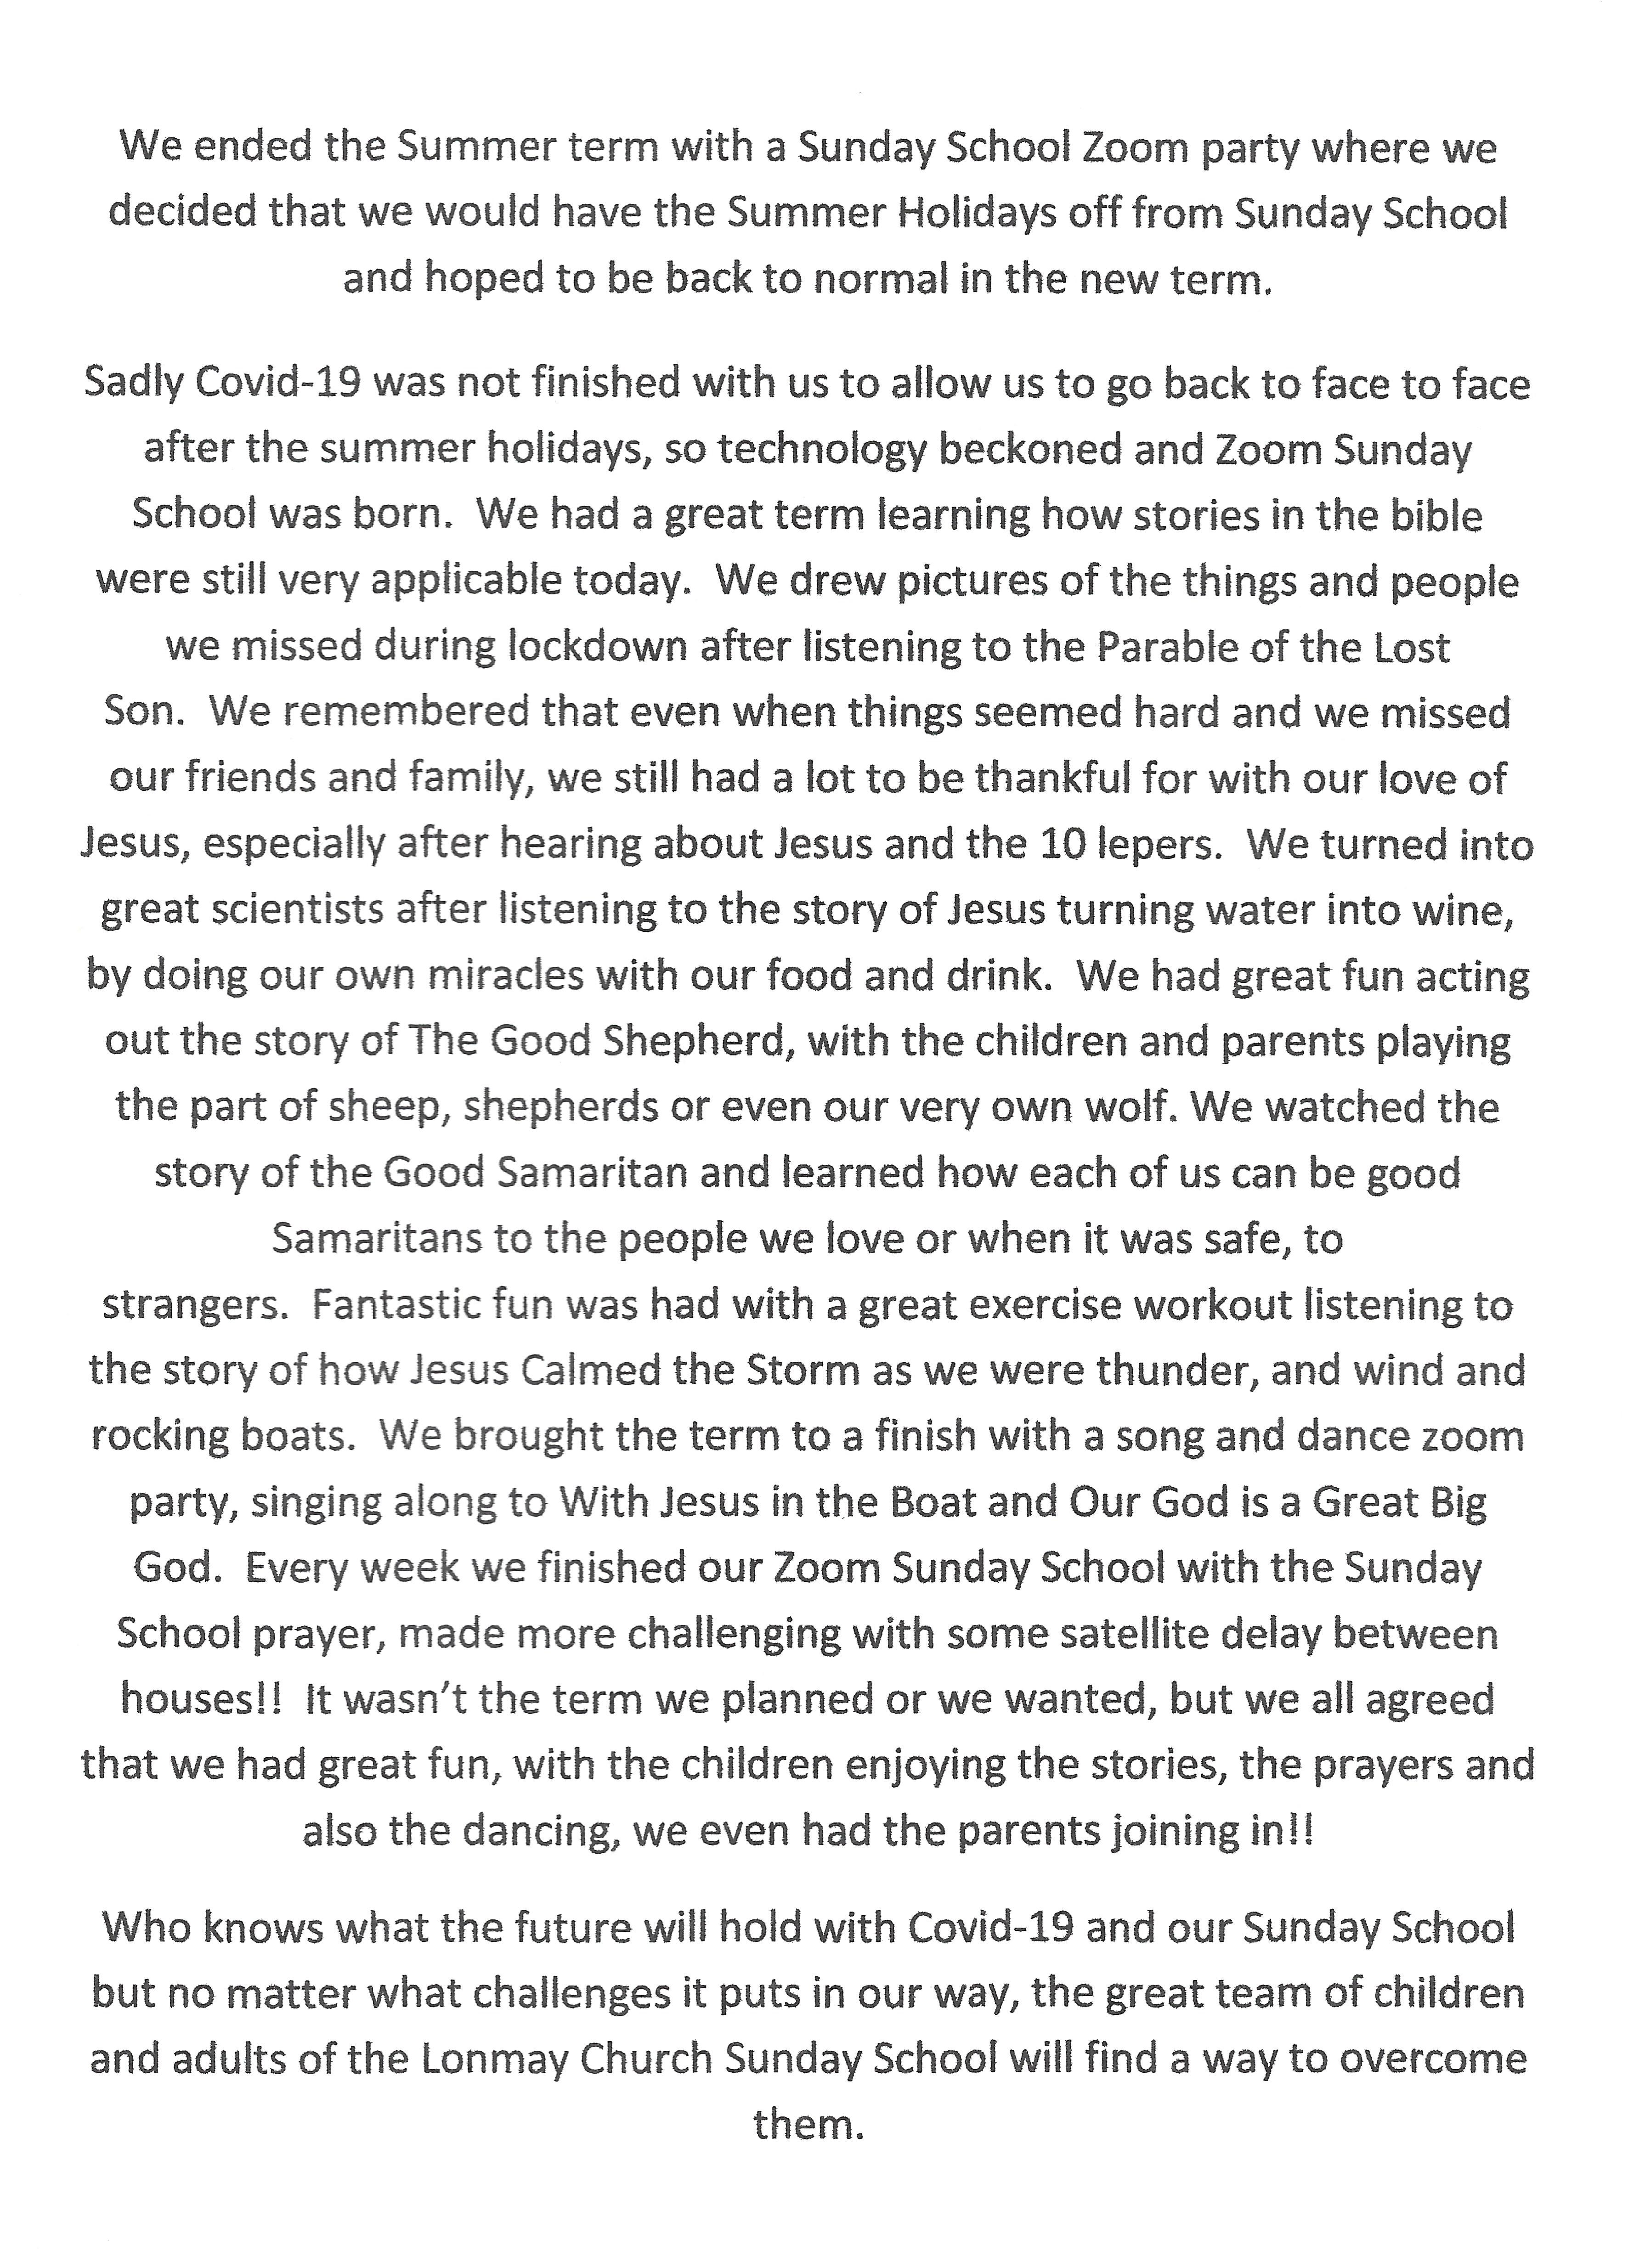 sundayschoolarticleoct2020_page2